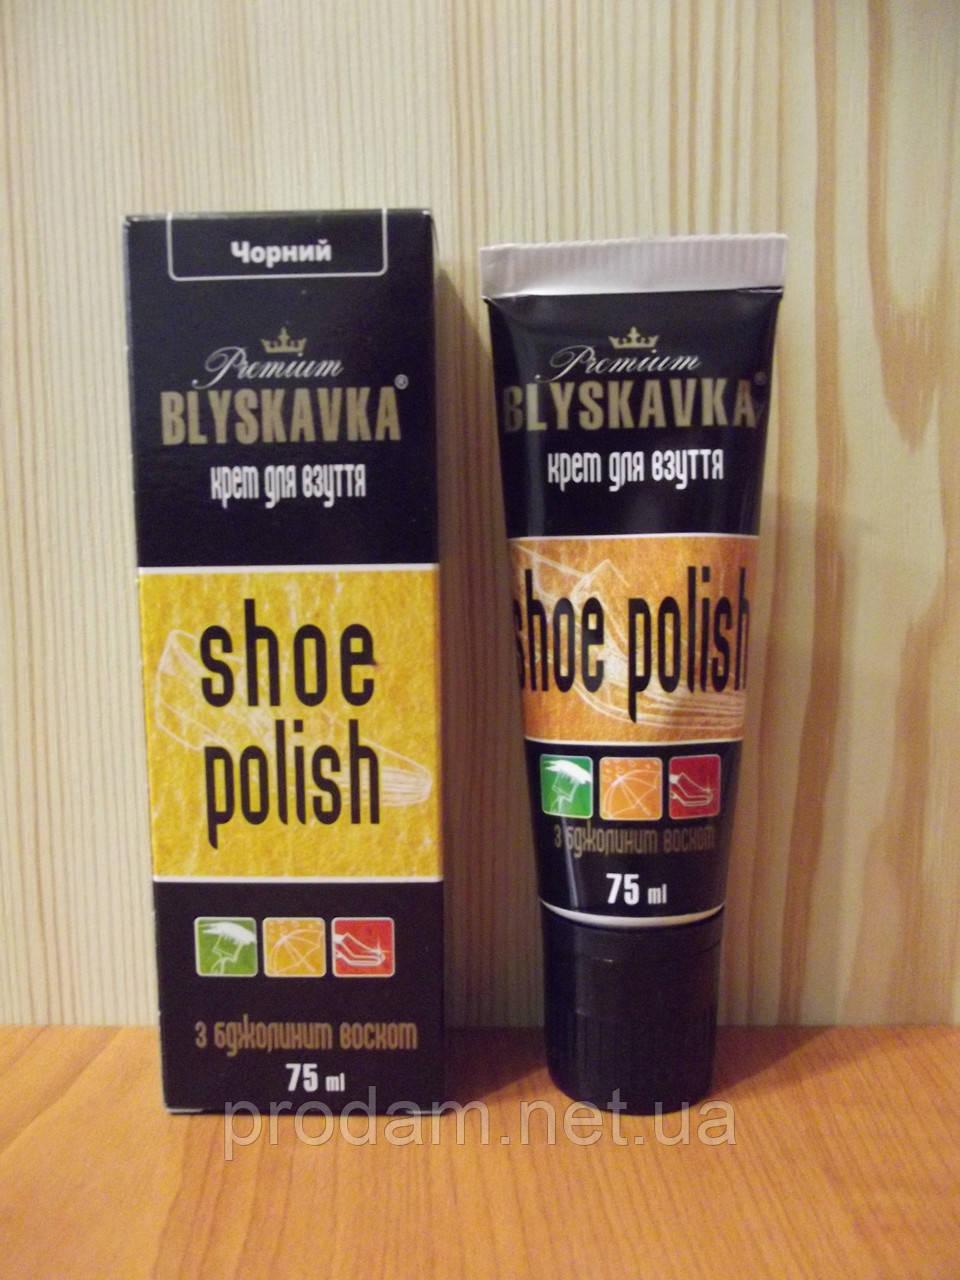 Крем для обуви BLYSKAVKA 75мл с гукой безцветный